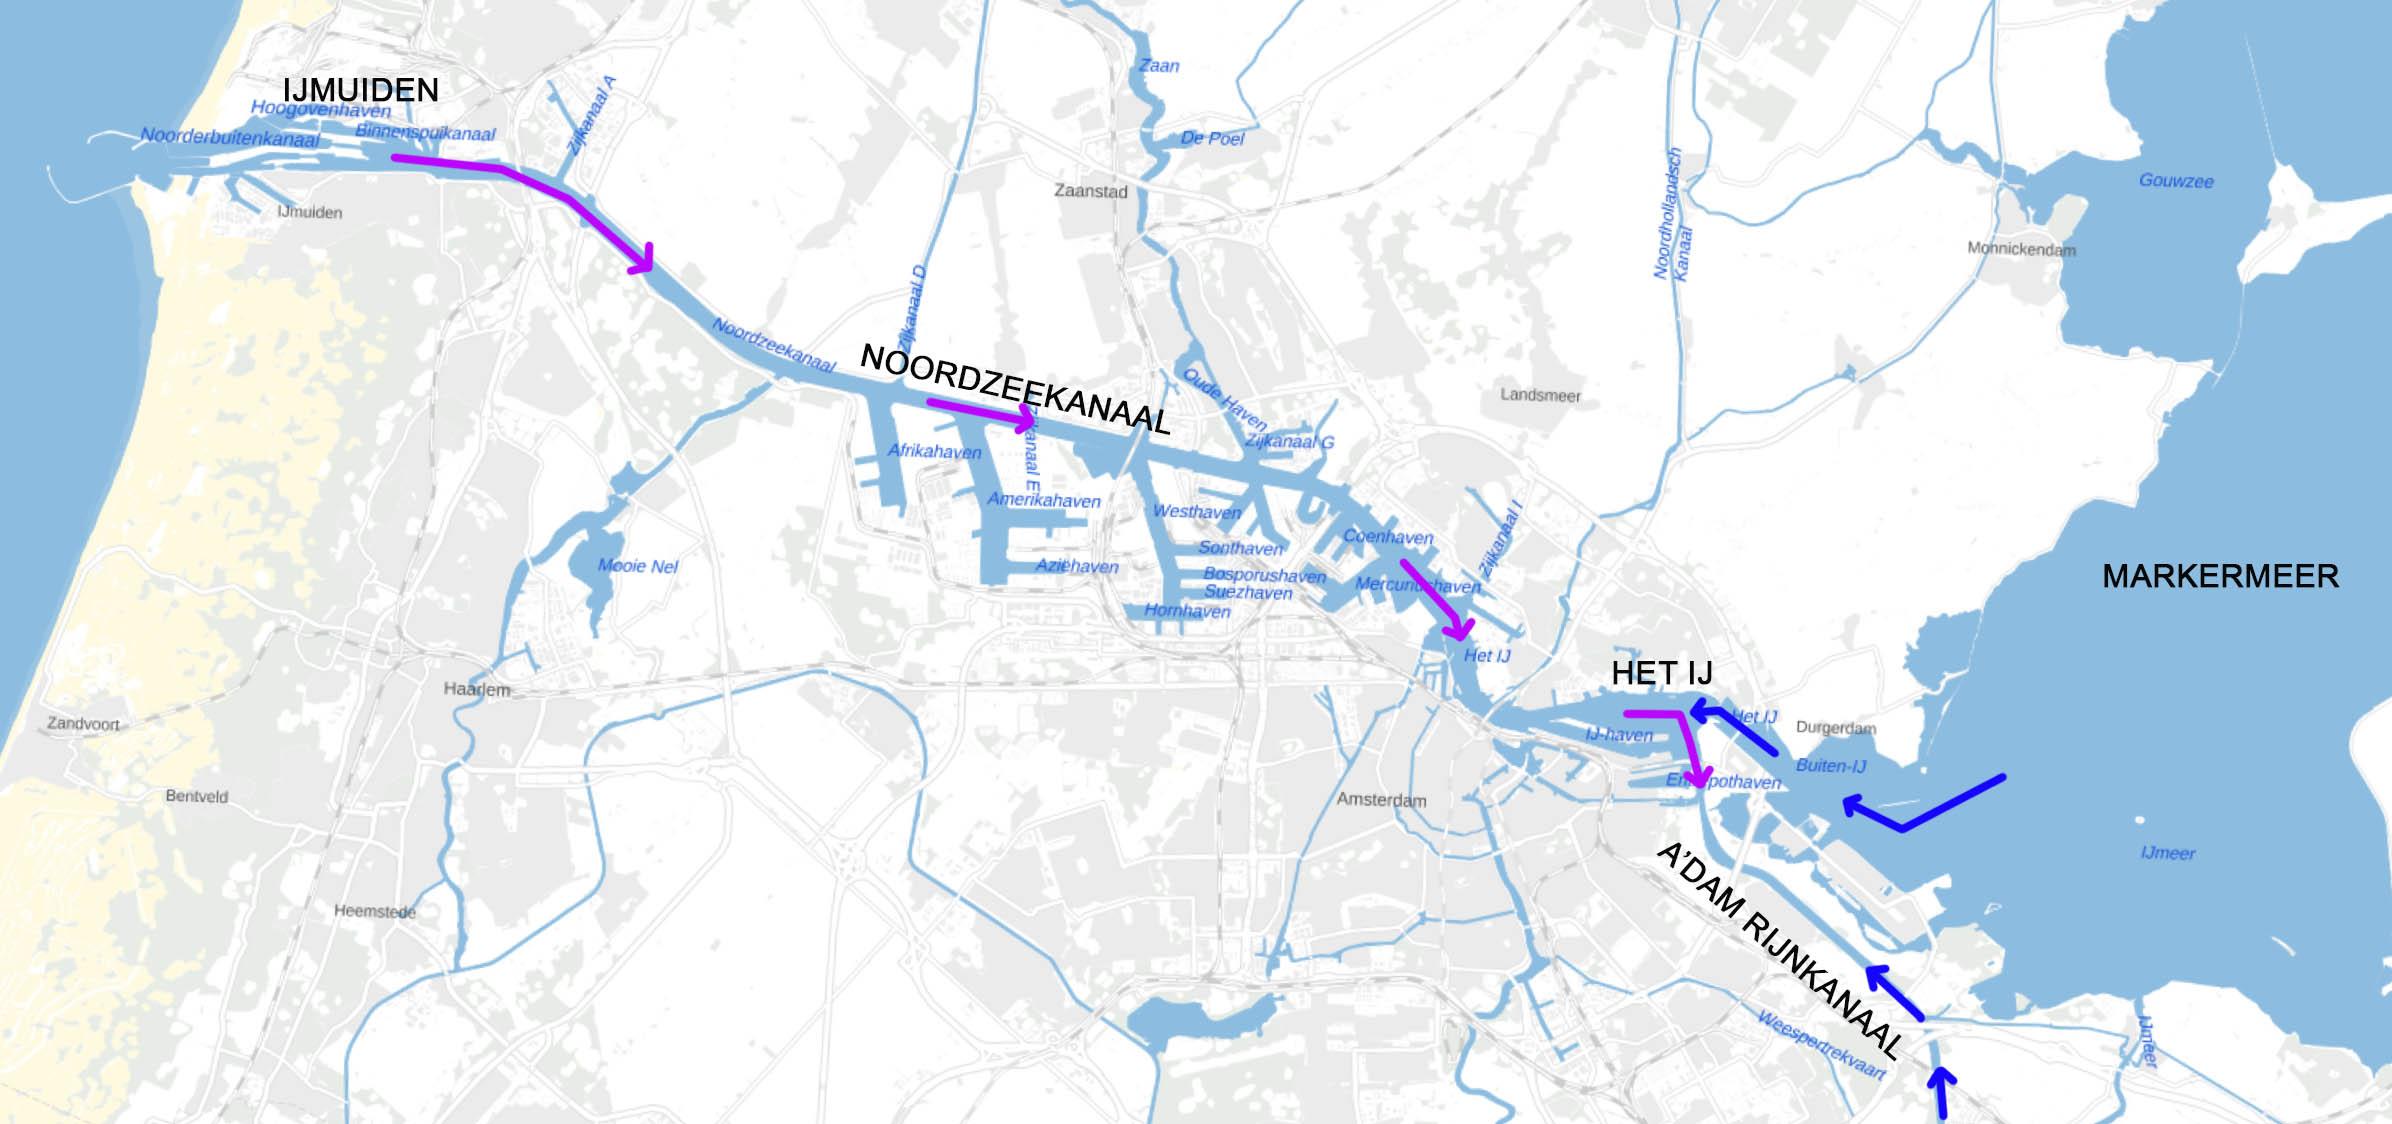 Situatieschets Noordeekanaal met zout water (paarse pijlen) dat via de sluizen van IJmuiden tot  ver naar het oosten doordringt. Er si maar weinig zoetwater (blauwe pijlen) beschikbaar om dat tegen te houden.